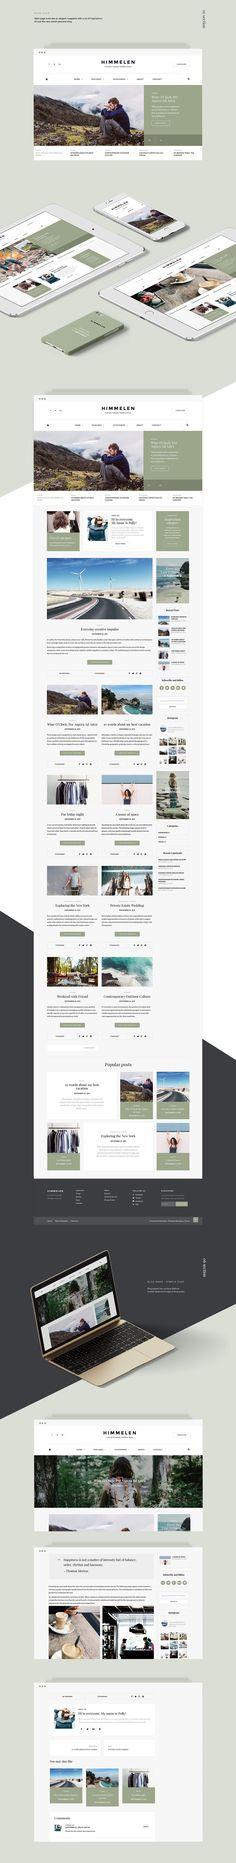 Himmelen on Web Design Served